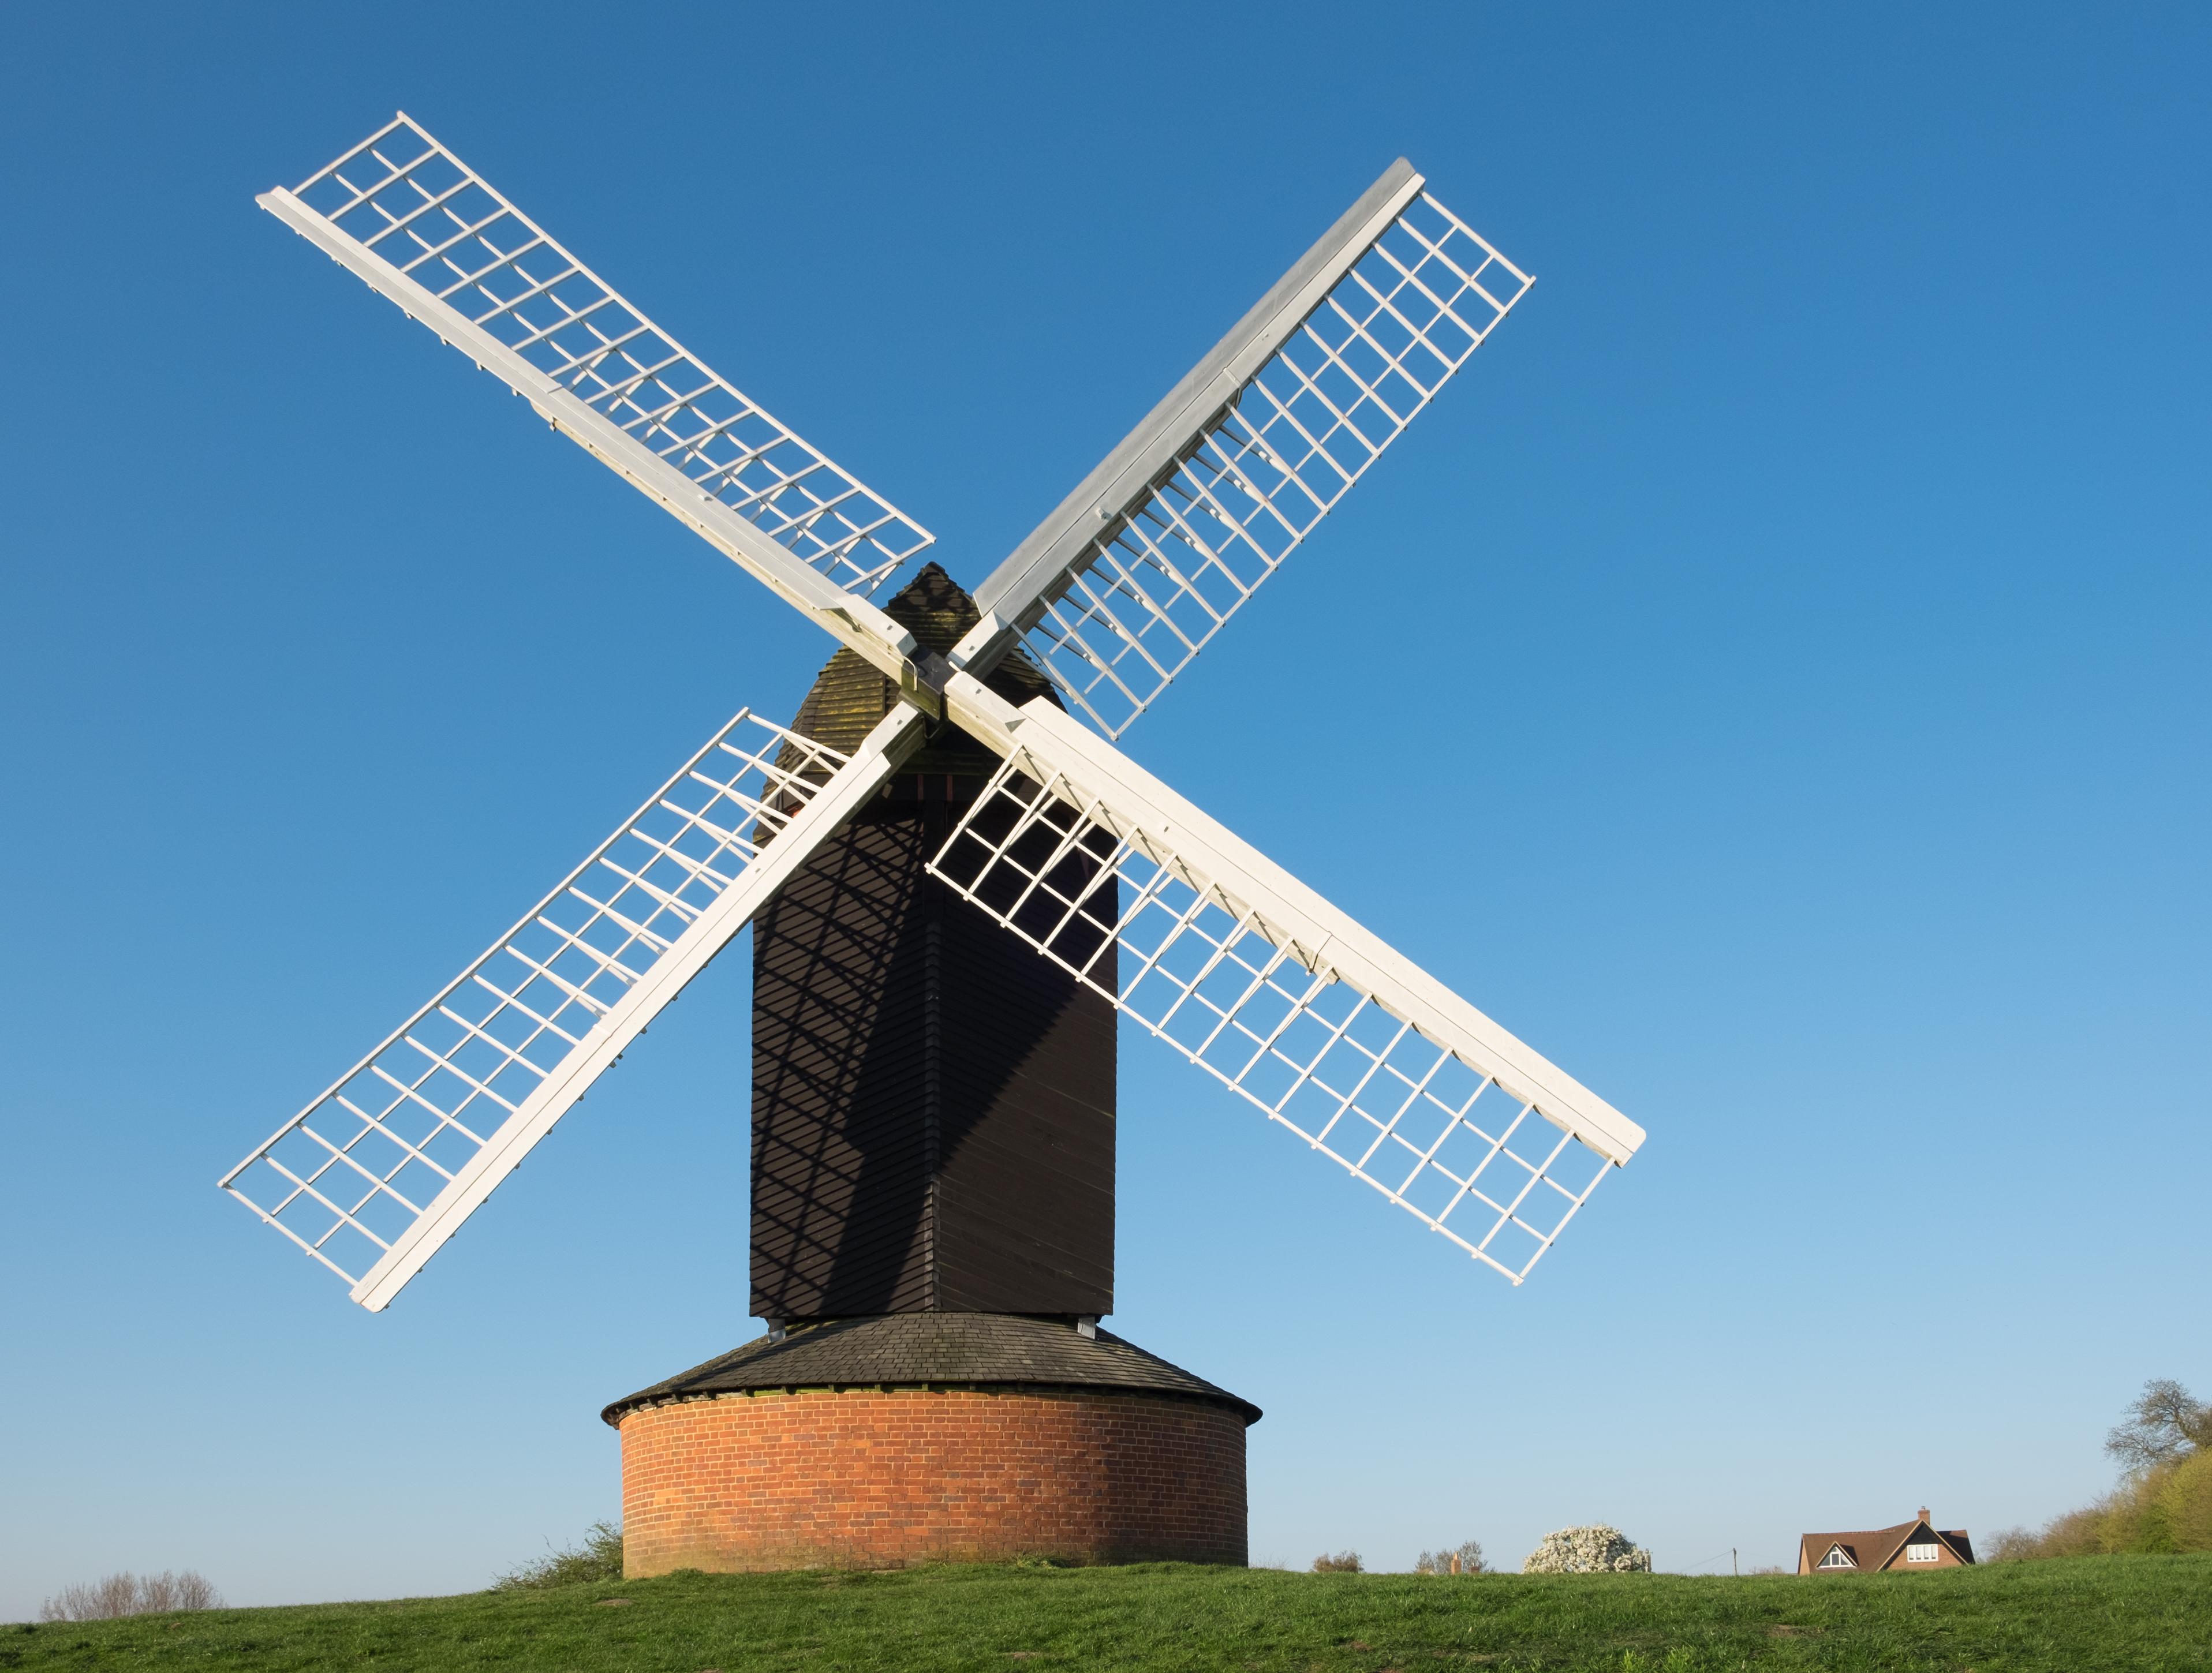 File:Brill windmill April 2017.jpg - Wikimedia Commons